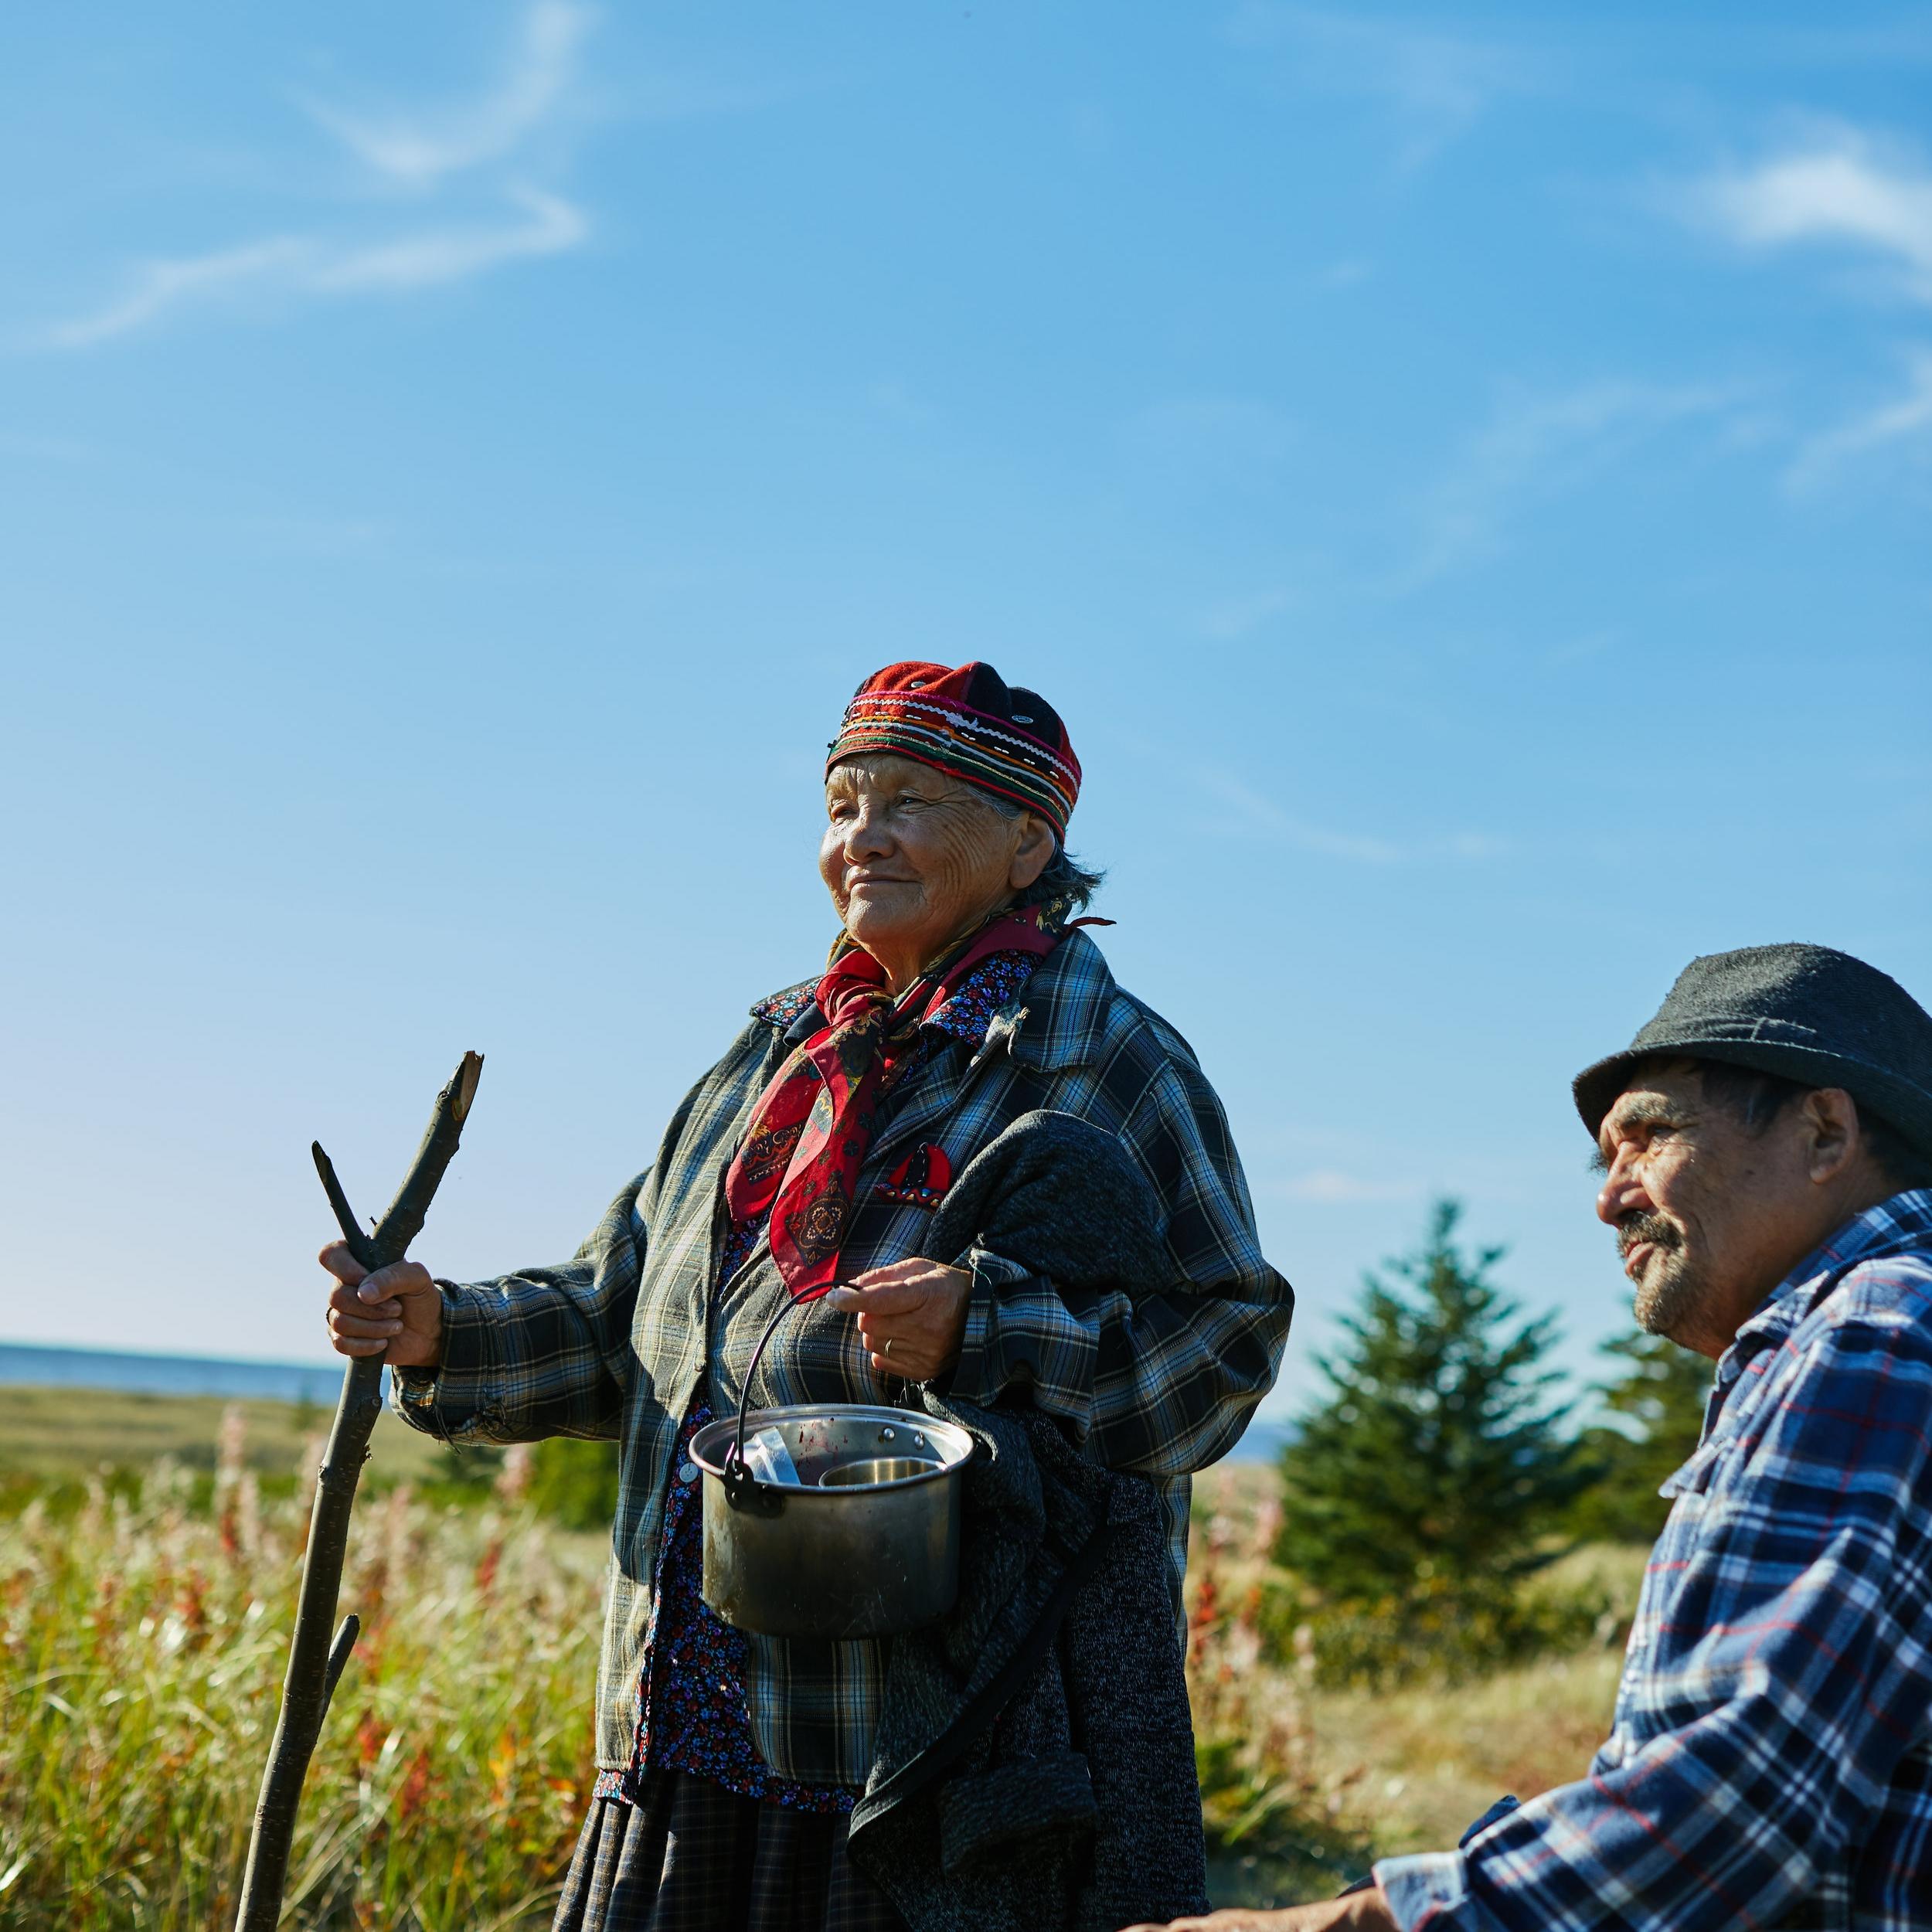 Traditions autochtones - Tourisme Autochtone Québec